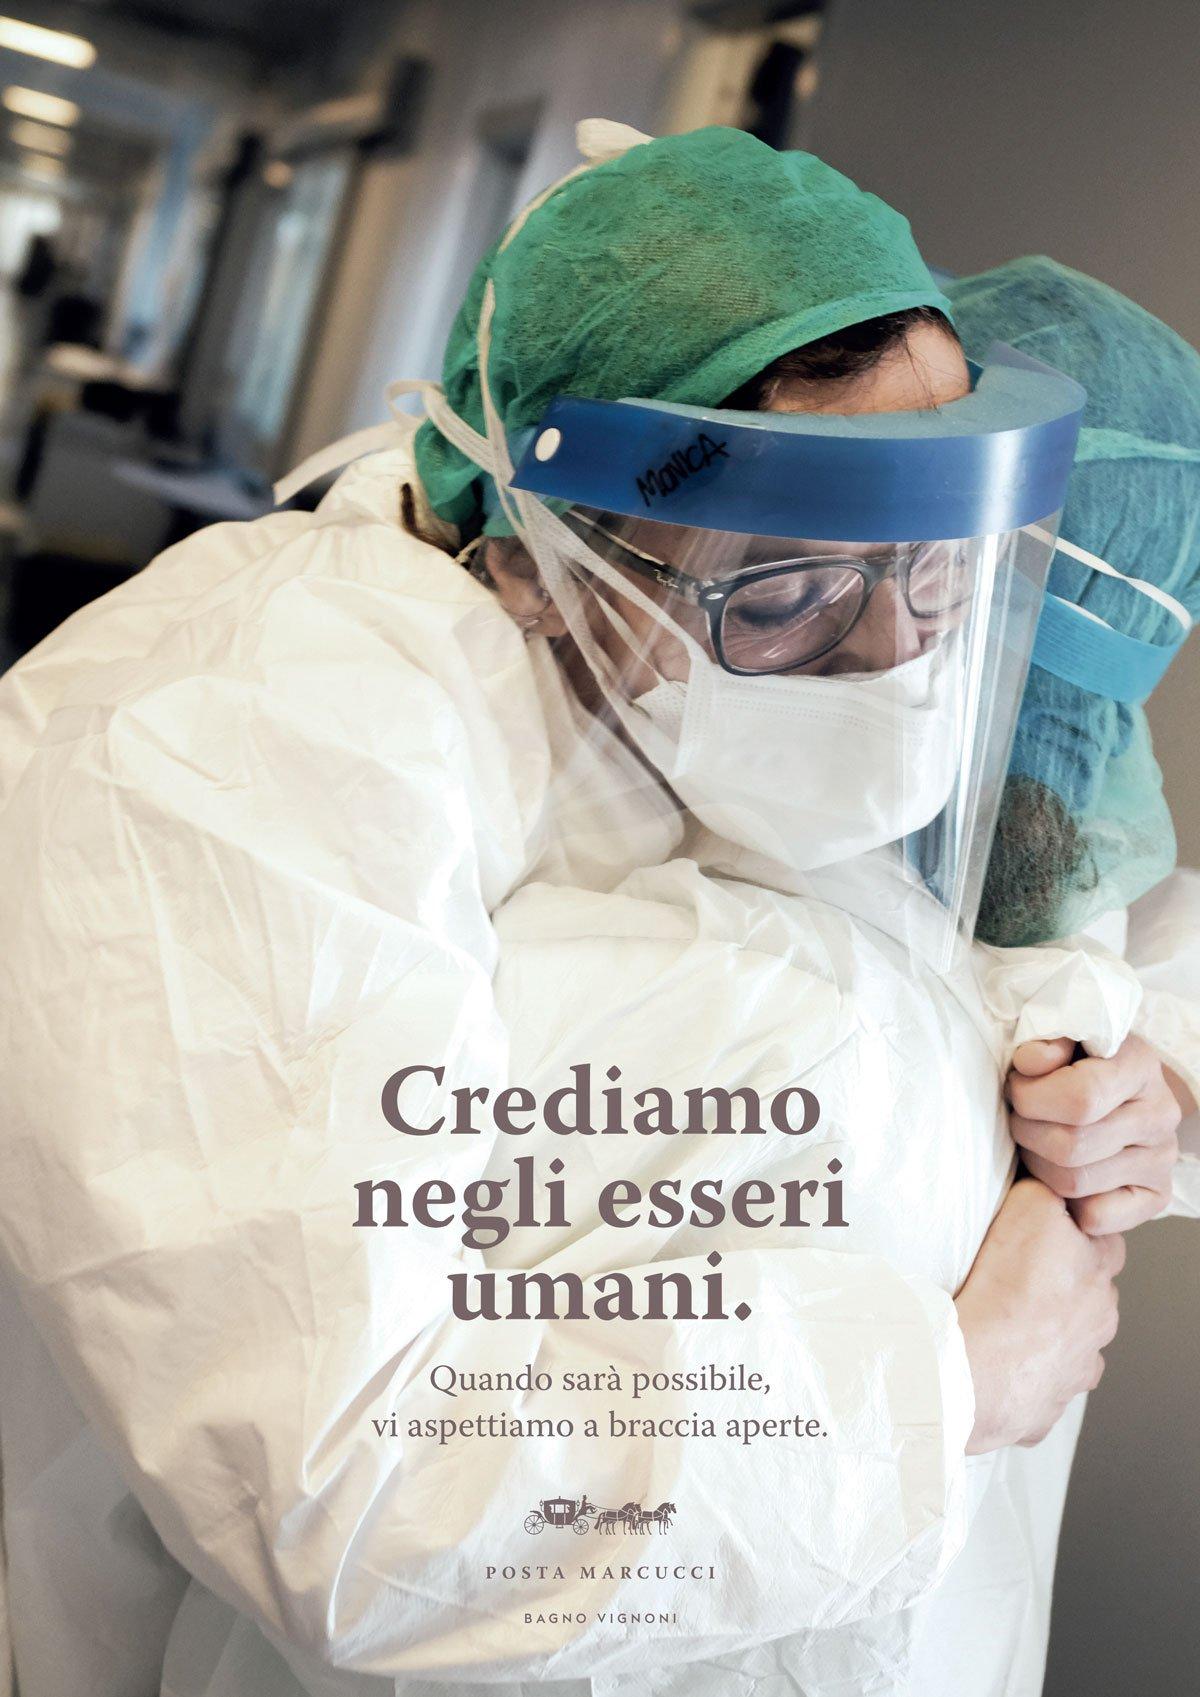 Posta Marcucci - crediamo negli esseri umani